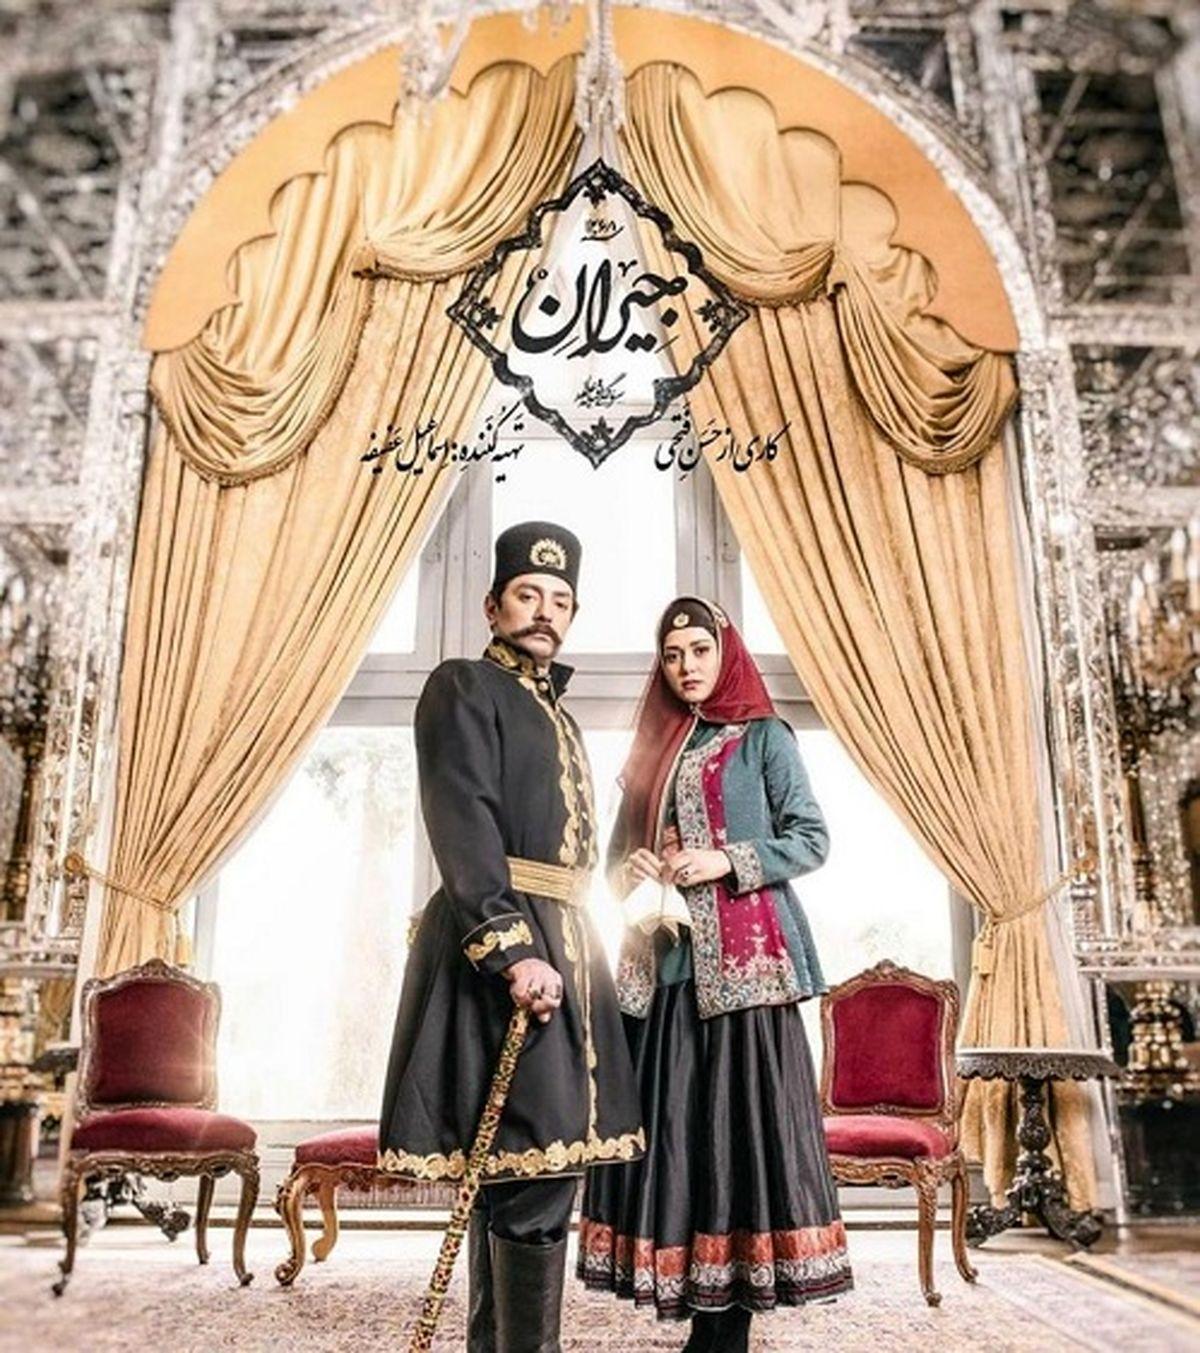 عشق و عاشقی پریناز ایزدیار با بهرام رادان + عکس